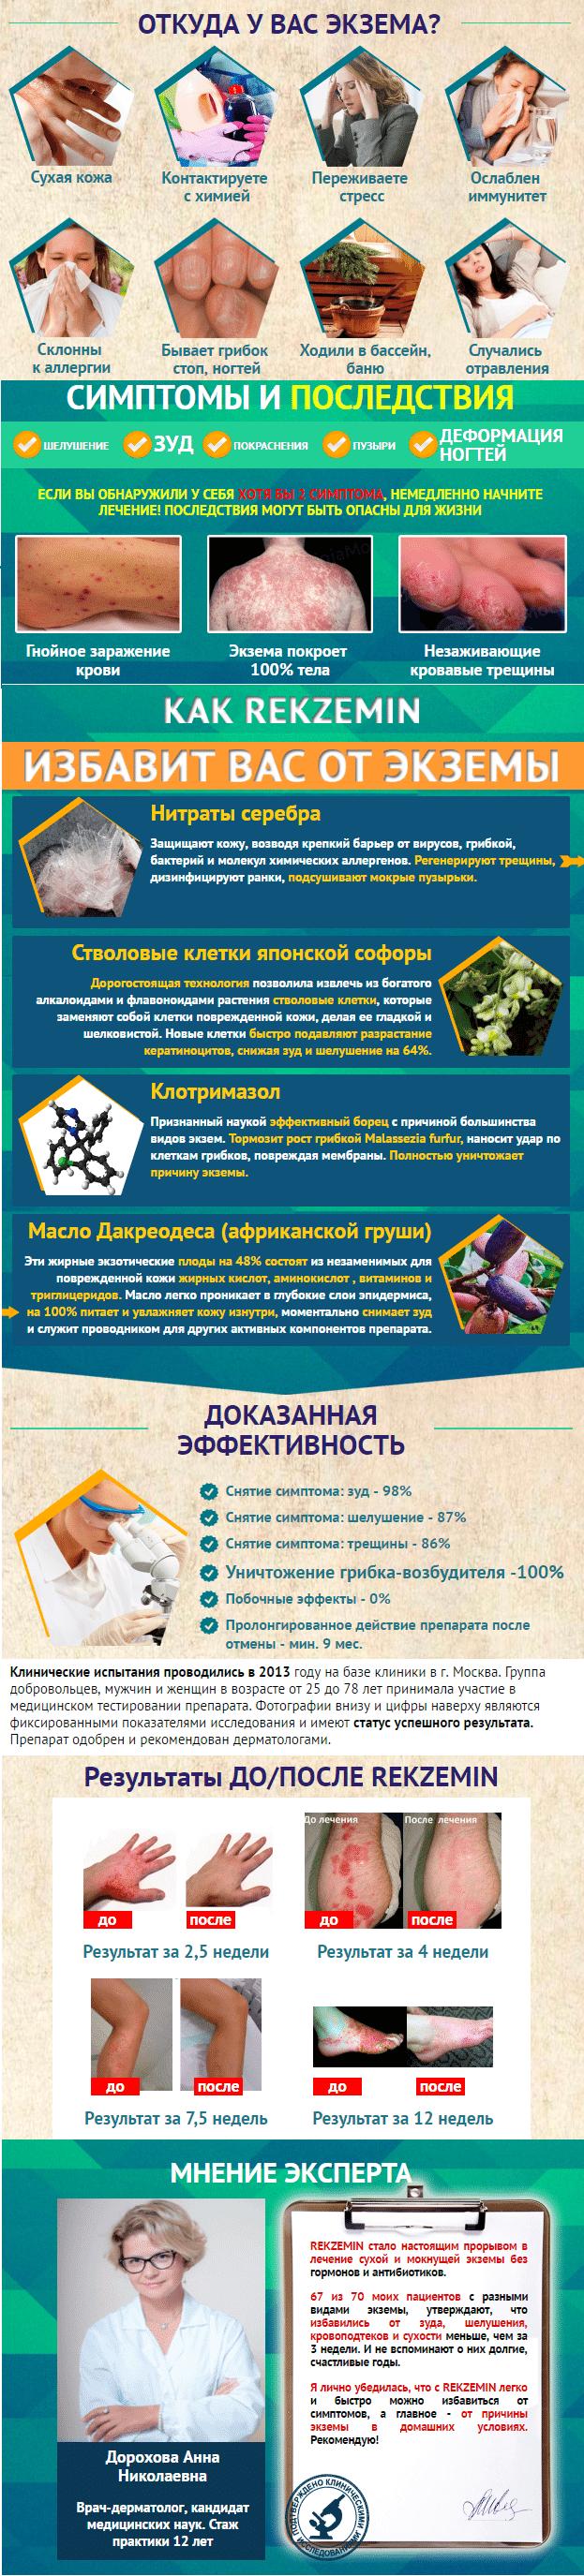 Rekzemin (Рекземин) от экземы и псориаза купить